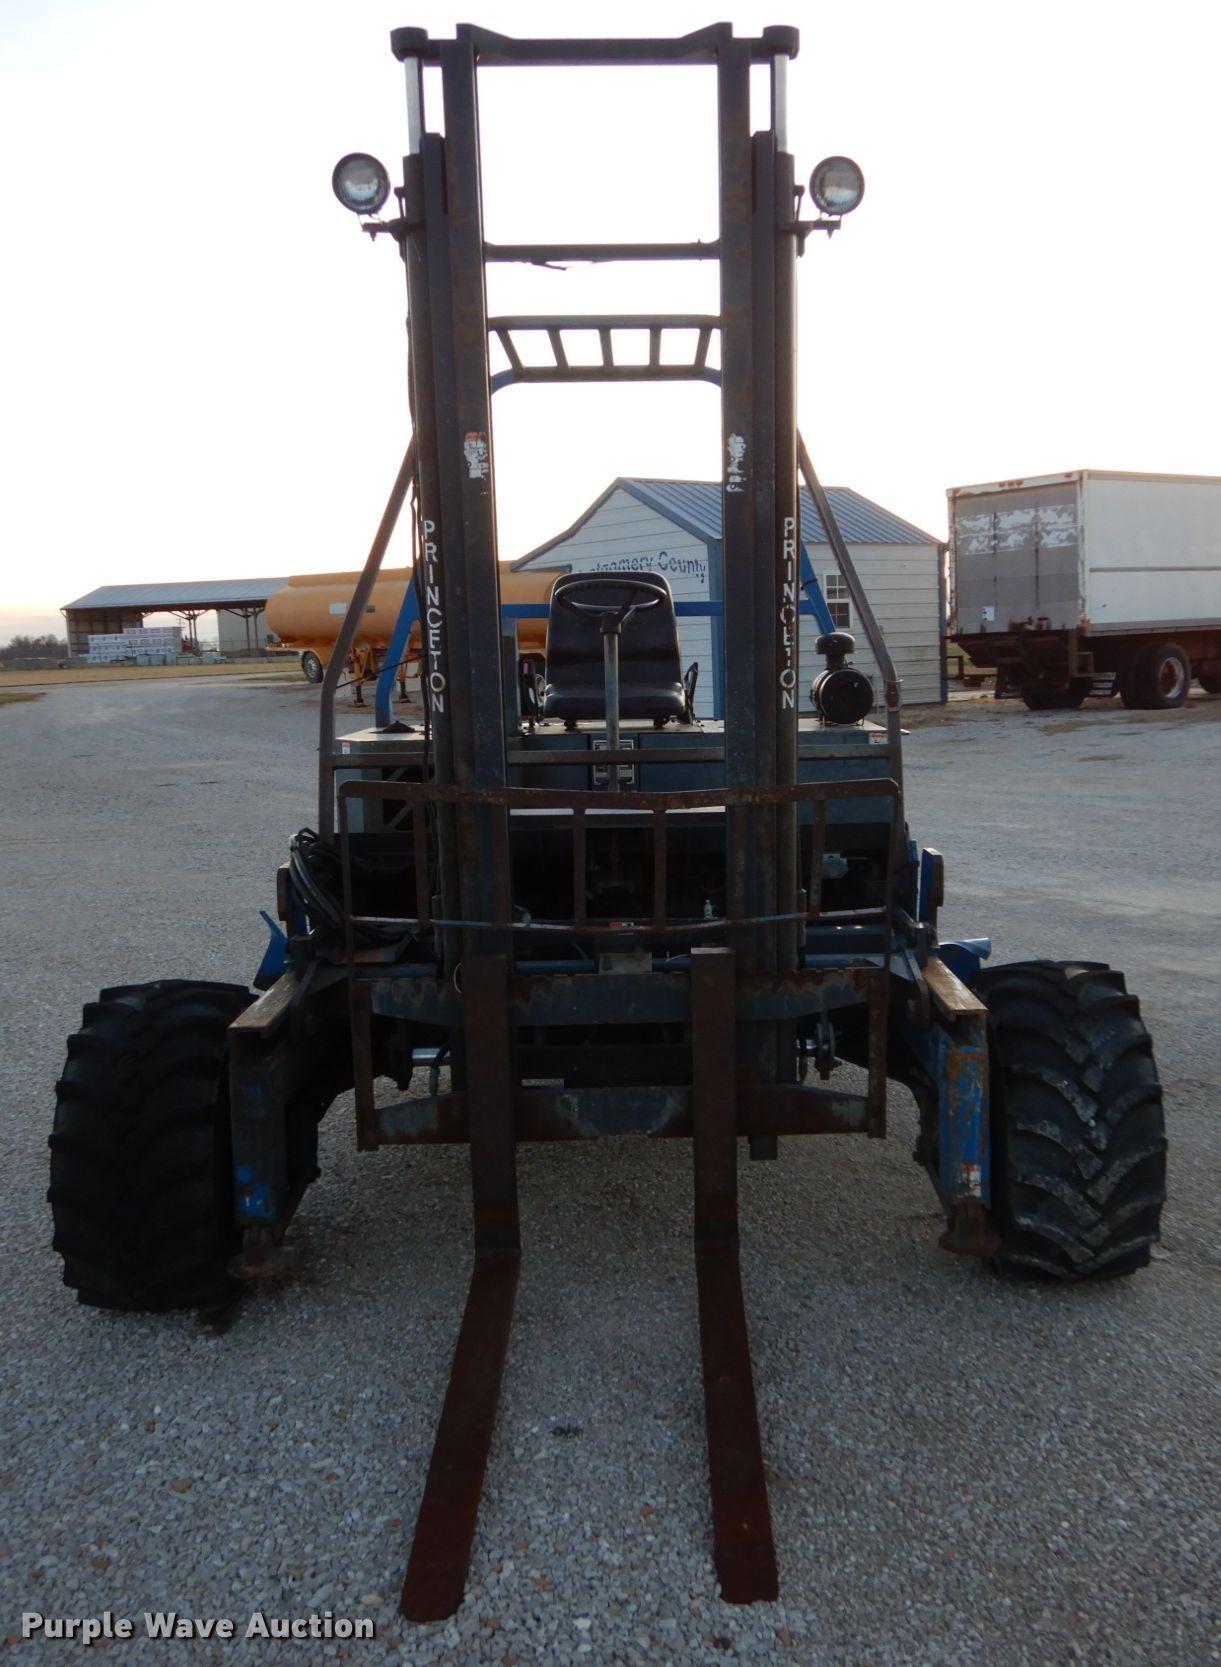 1999 Teledyne Princeton D45 Piggyback Forklift